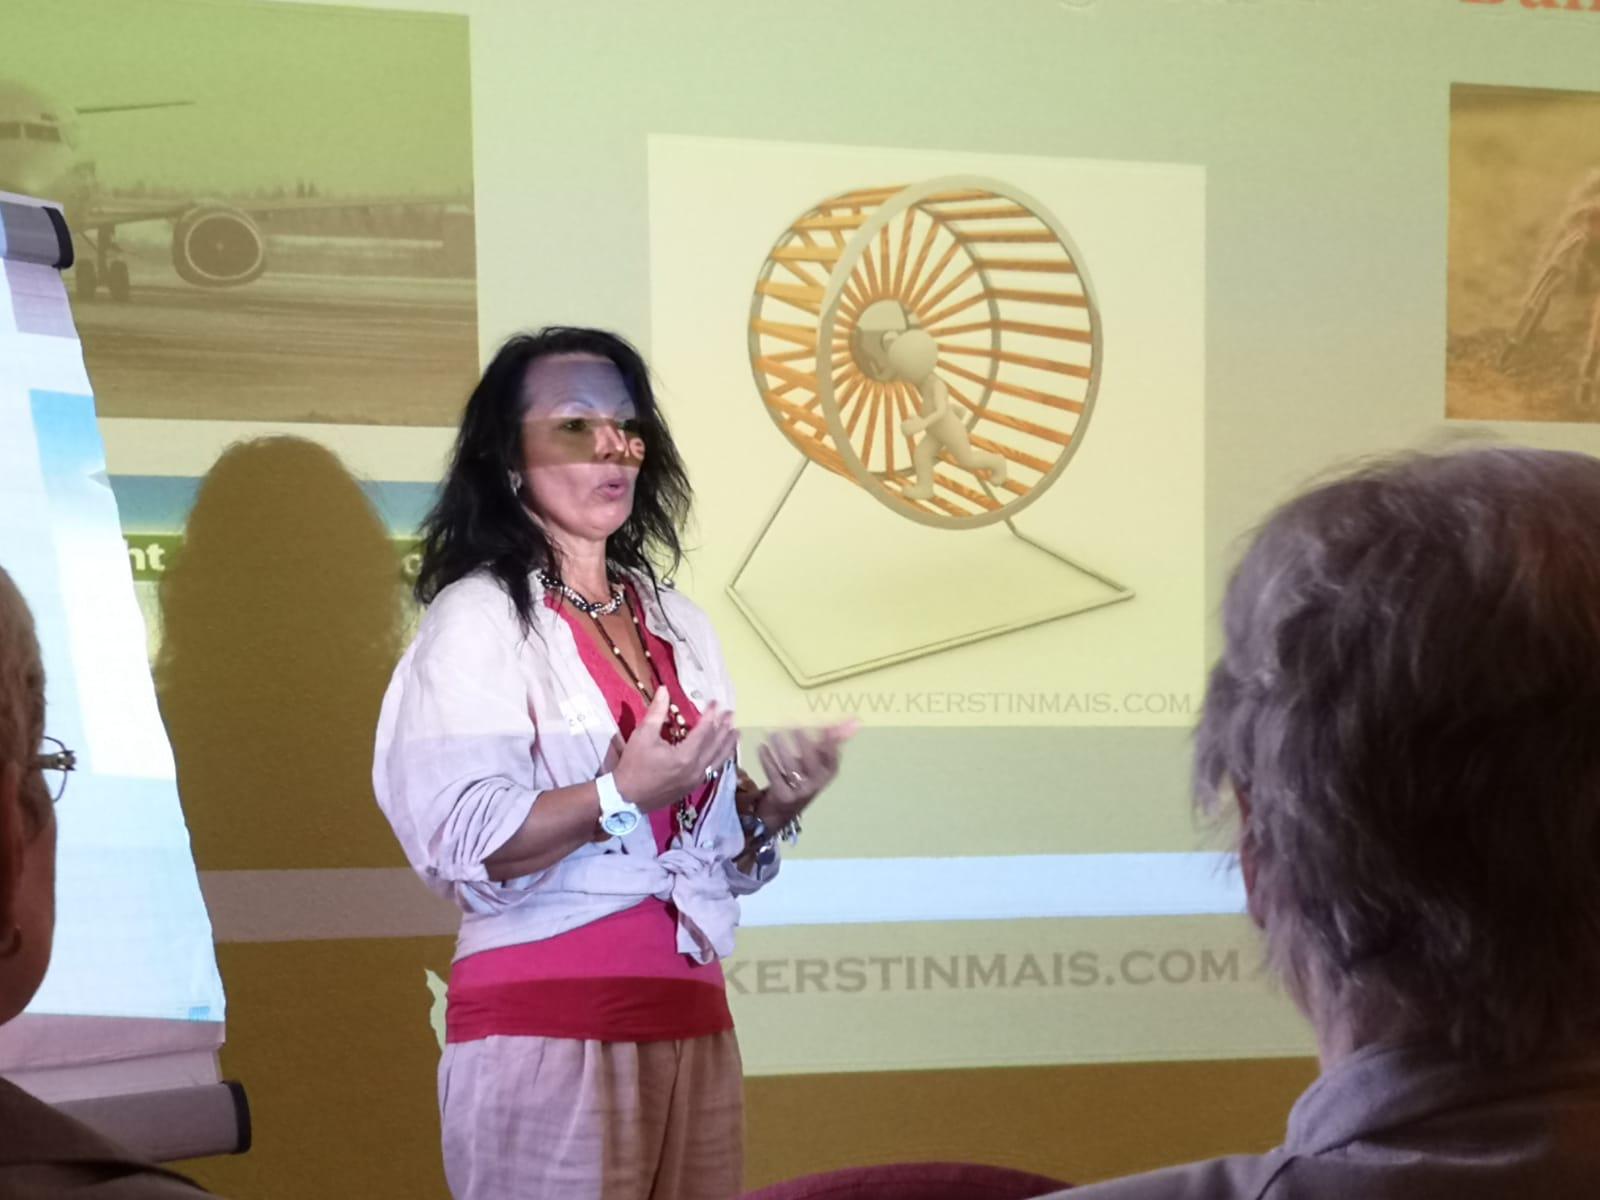 Der Schlüssel zu deinem Unterbewusstsein - Vortrag mit Kerstin Mais